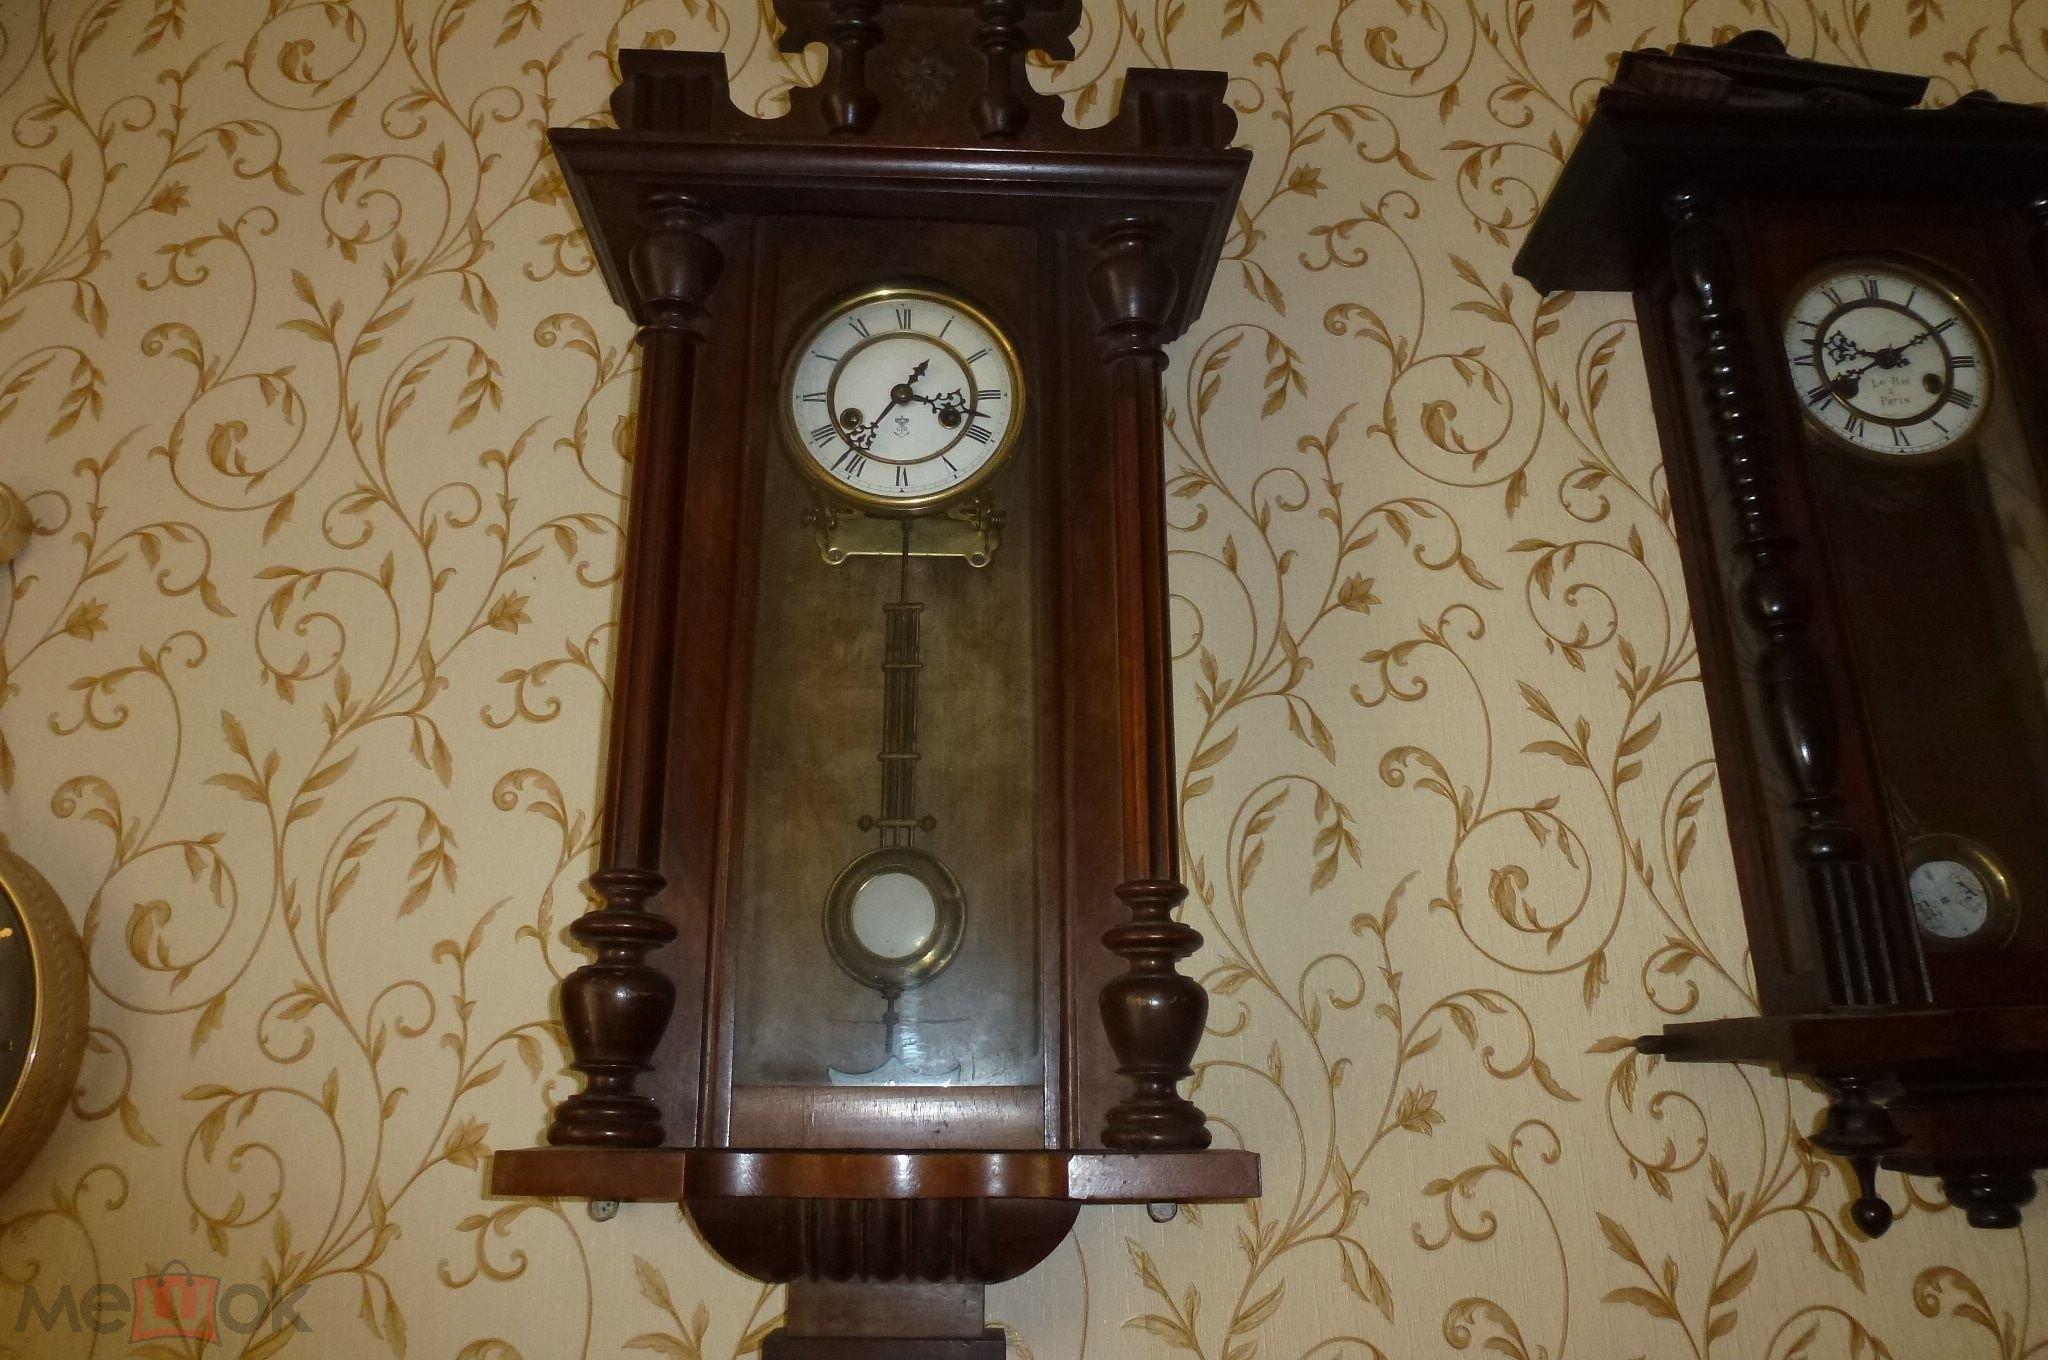 Оригинальными такие часы делают не только драгоценные металлы и фирменный знак компании, но и открытость некоторых элементов часов.